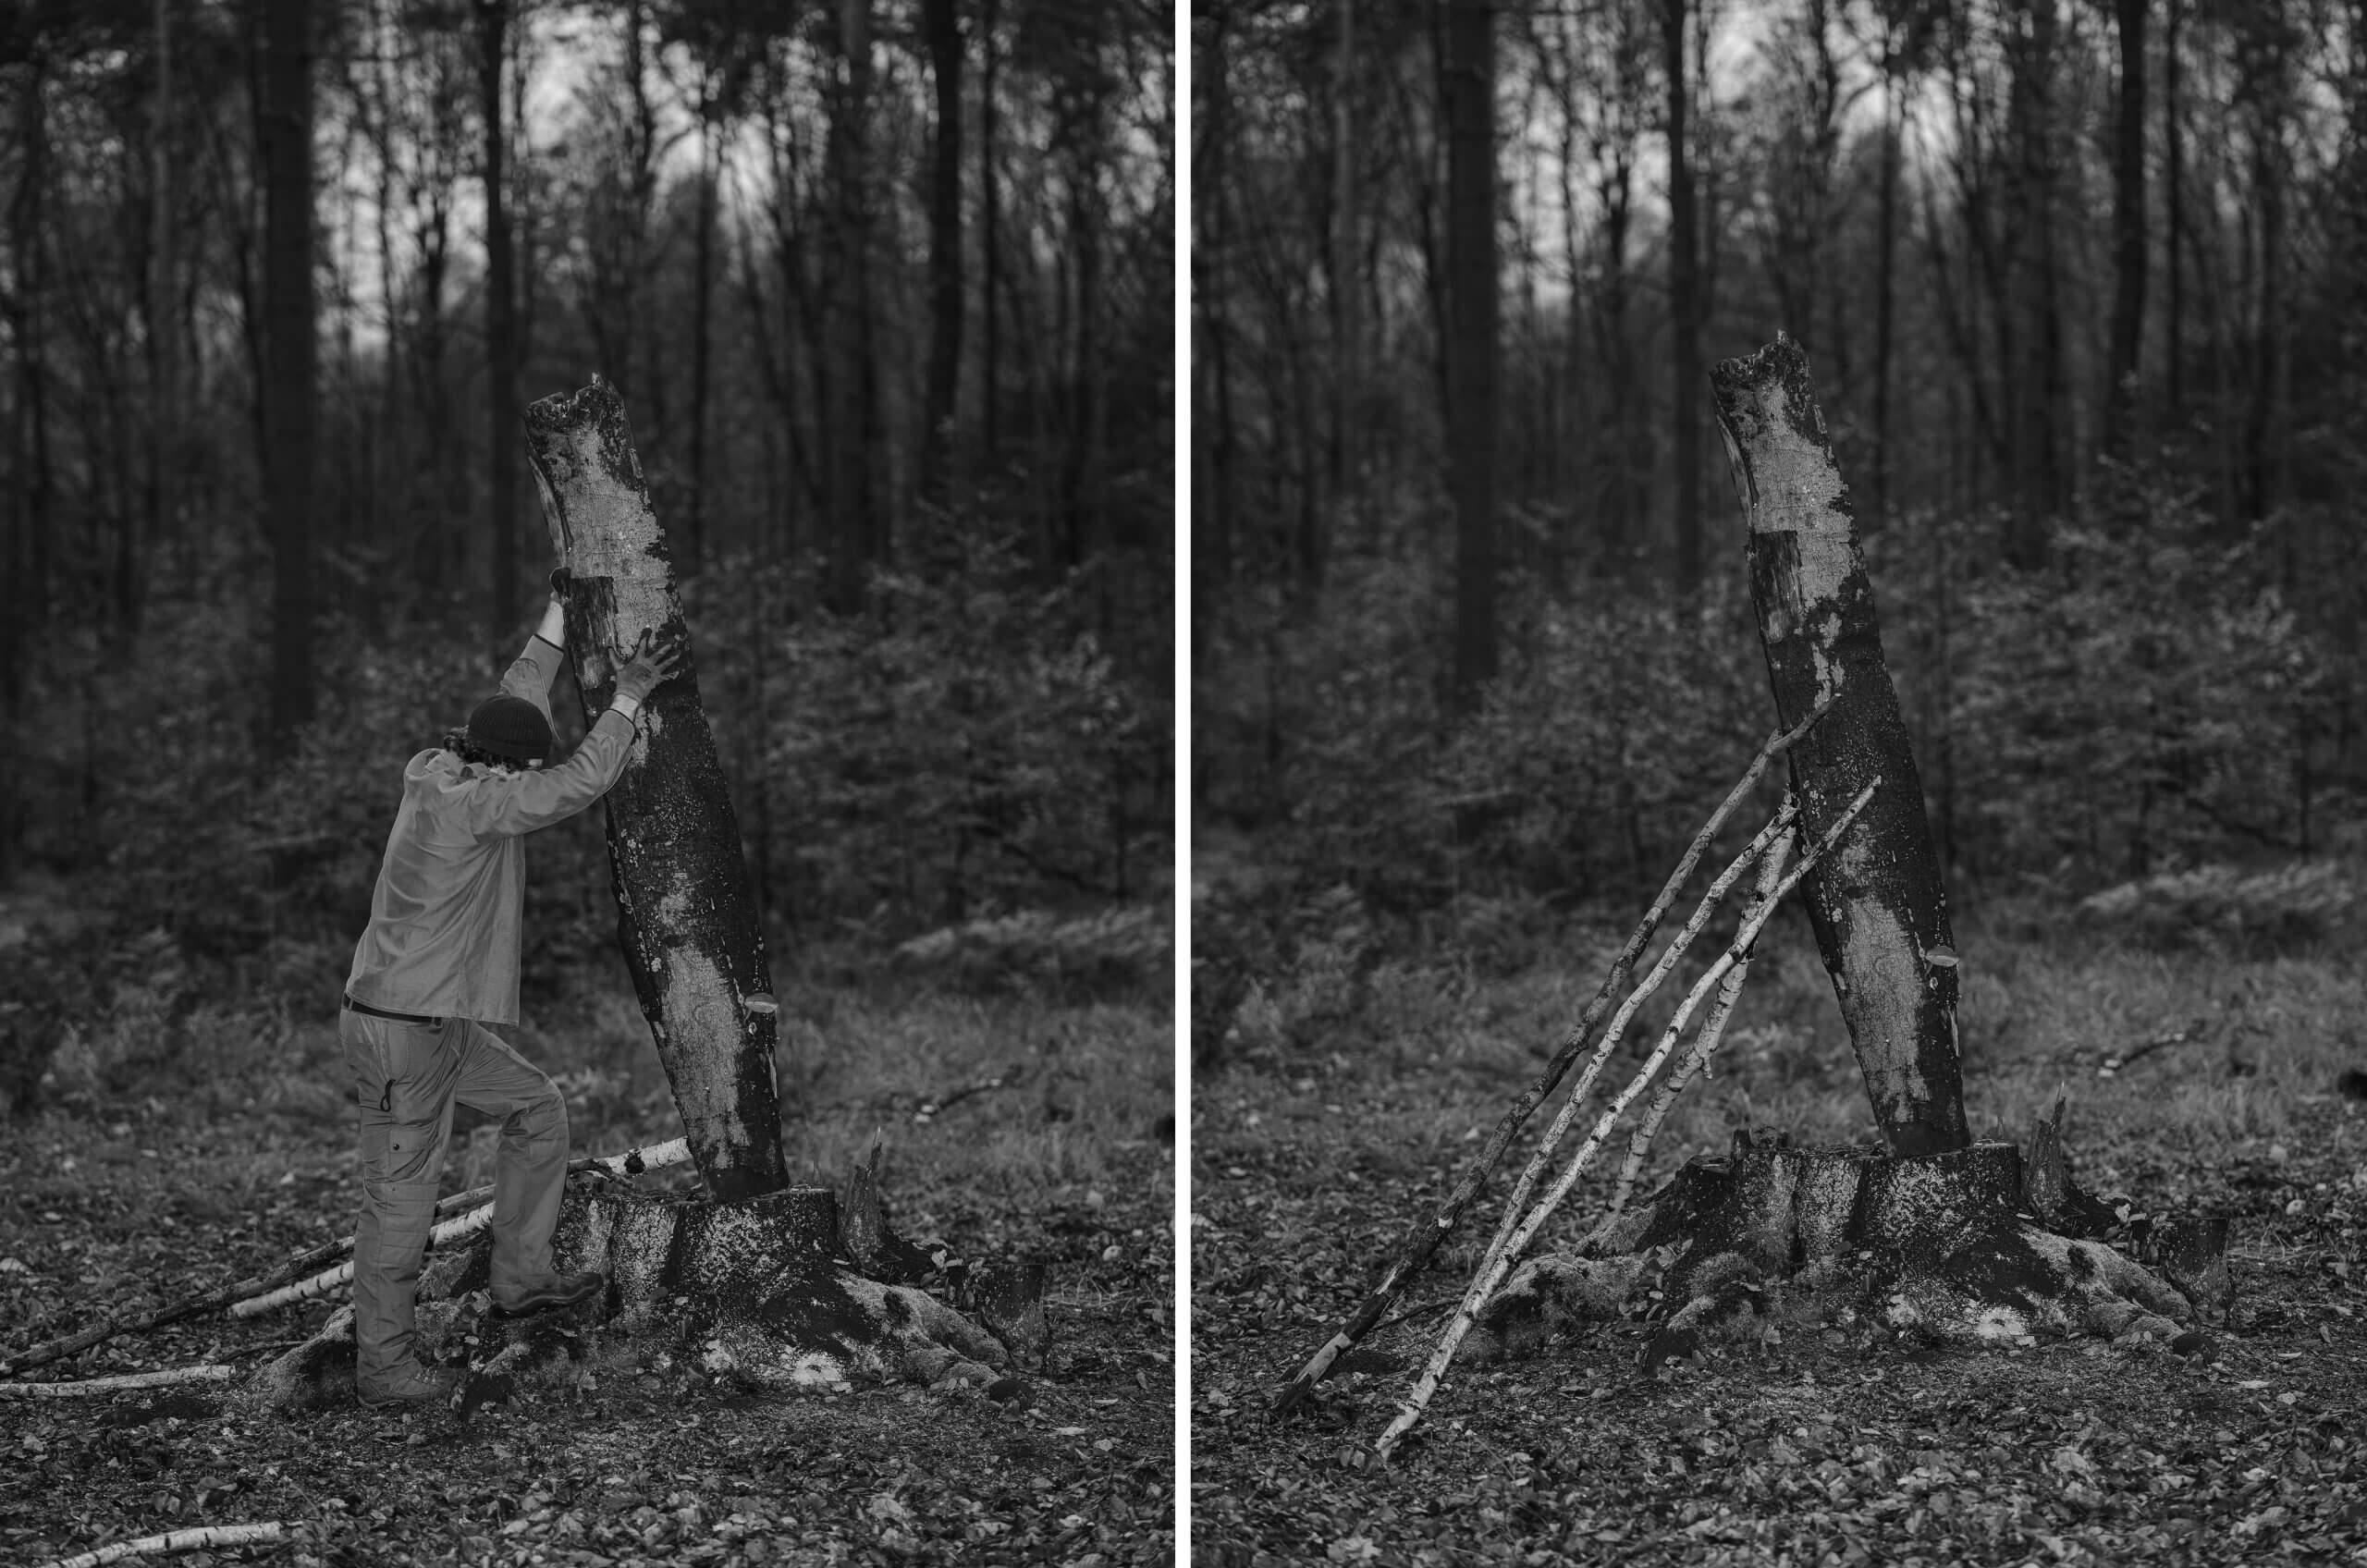 Prace leśne: Michał Łuczak (20.08 – 30.10.2020)